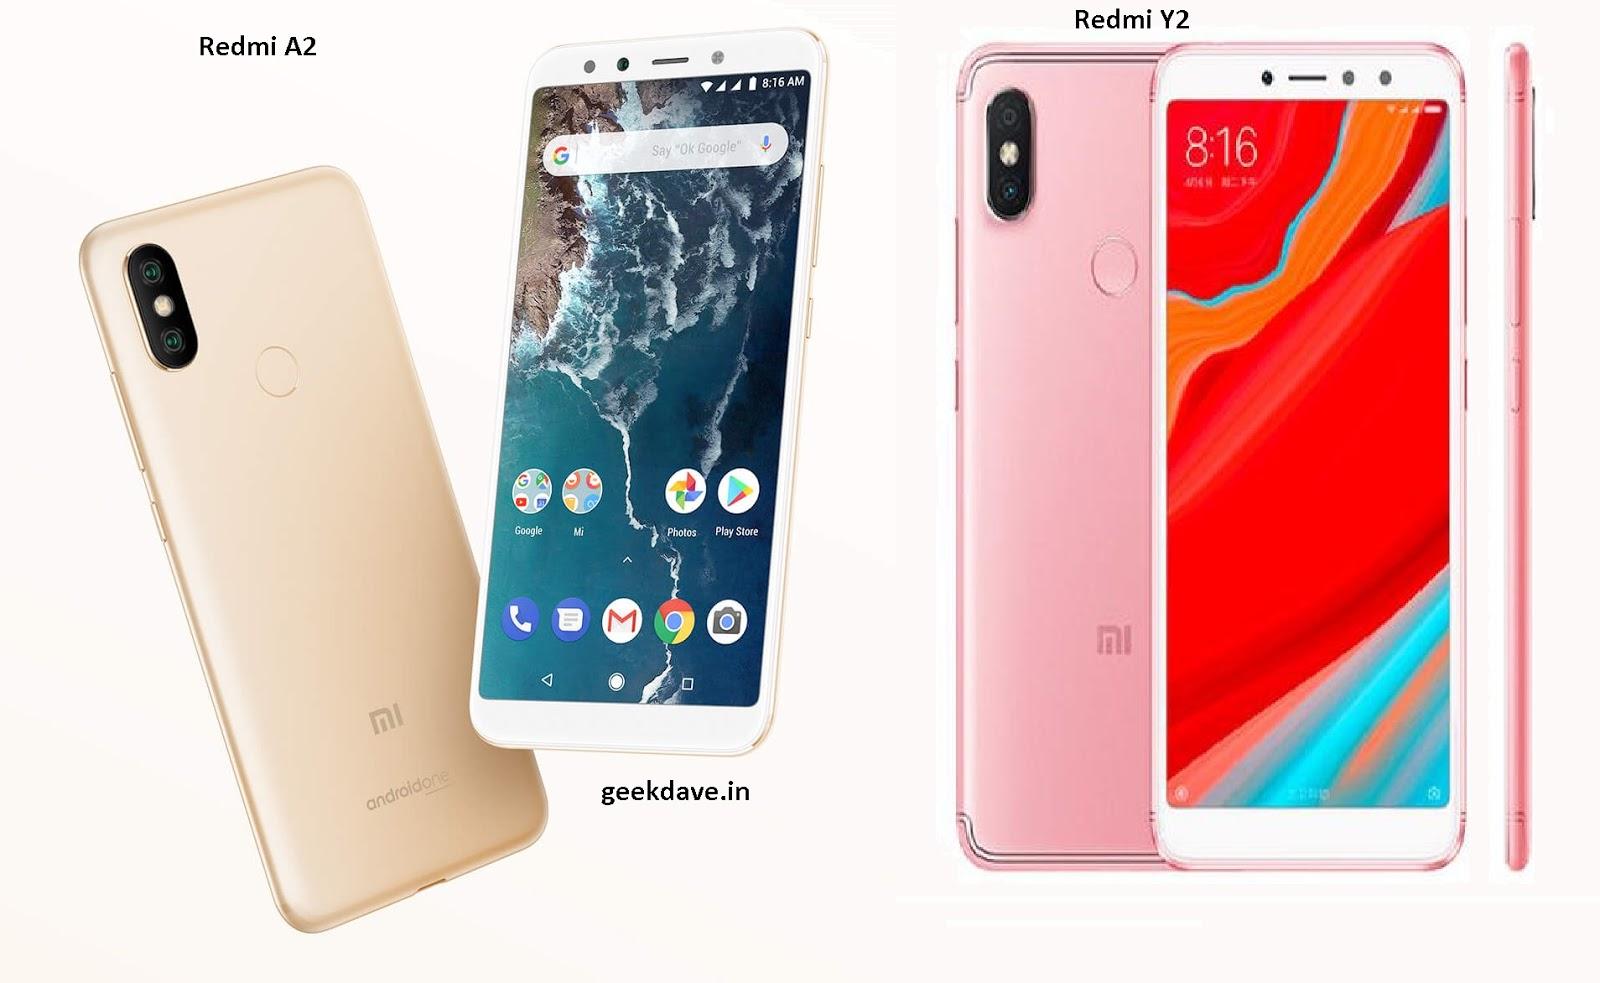 Which Smartphone is better? : Xiaomi Redmi Y2(s2) vs Xiaomi Mi A2(Mi 6X) comparison 2018